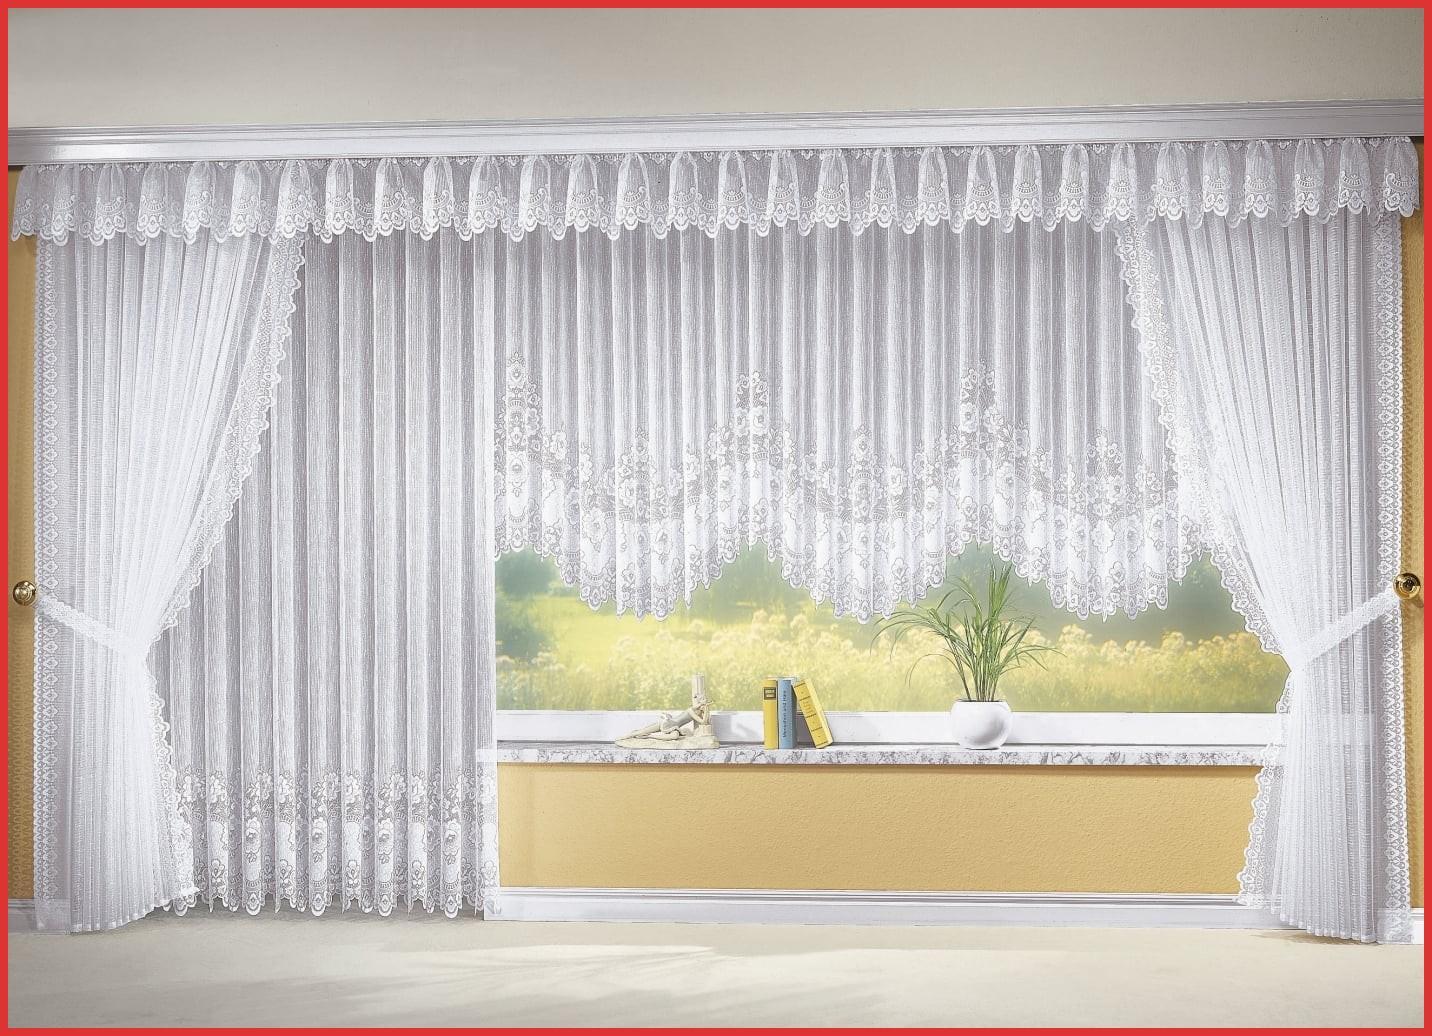 Full Size of Gardinen Fenster Gebrauchte Kaufen Erneuern Sicherheitsfolie Einbruchschutz Stange Schallschutz Standardmaße Klebefolie Absturzsicherung Abdichten Wohnzimmer Gardinen Fenster